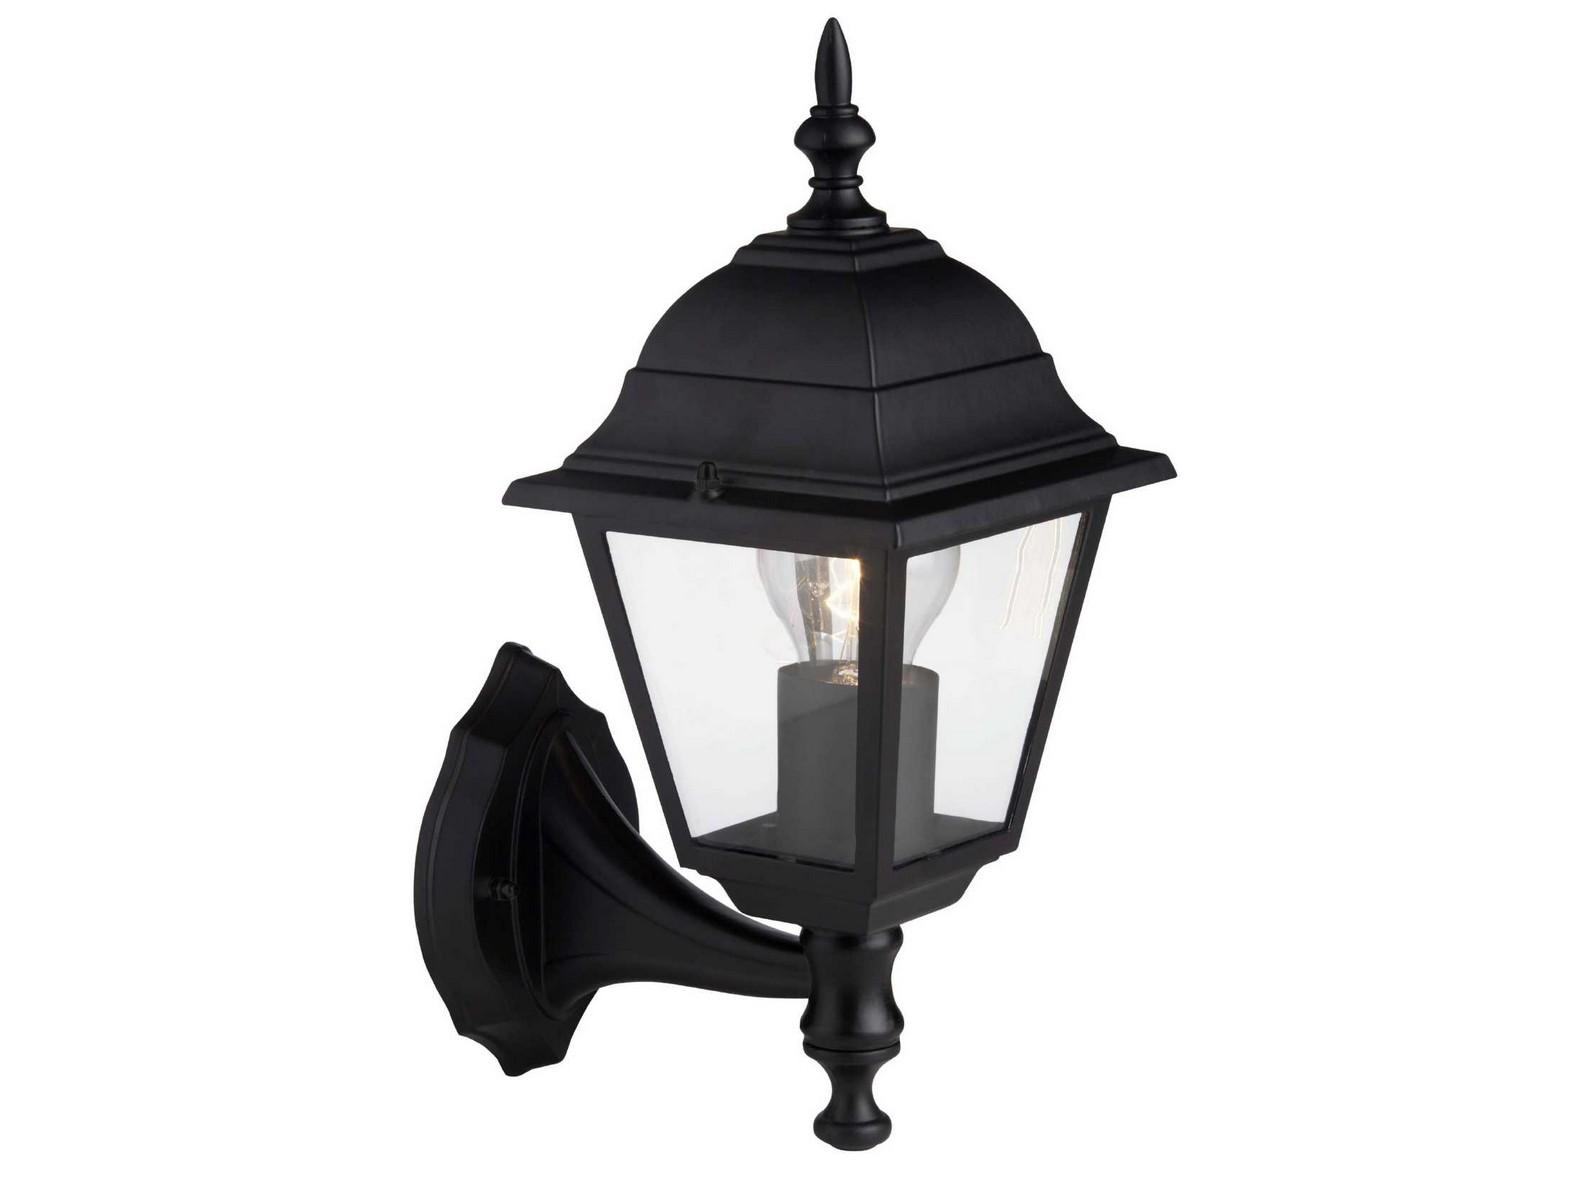 Светильник настенный NewportУличные настенные светильники<br>&amp;lt;div&amp;gt;Вид цоколя: Е27&amp;lt;/div&amp;gt;&amp;lt;div&amp;gt;Мощность лампы: 60W&amp;lt;/div&amp;gt;&amp;lt;div&amp;gt;Количество ламп: 1&amp;lt;/div&amp;gt;&amp;lt;div&amp;gt;Наличие ламп: нет&amp;lt;/div&amp;gt;<br><br>Material: Стекло<br>Width см: 18<br>Depth см: 22<br>Height см: 34